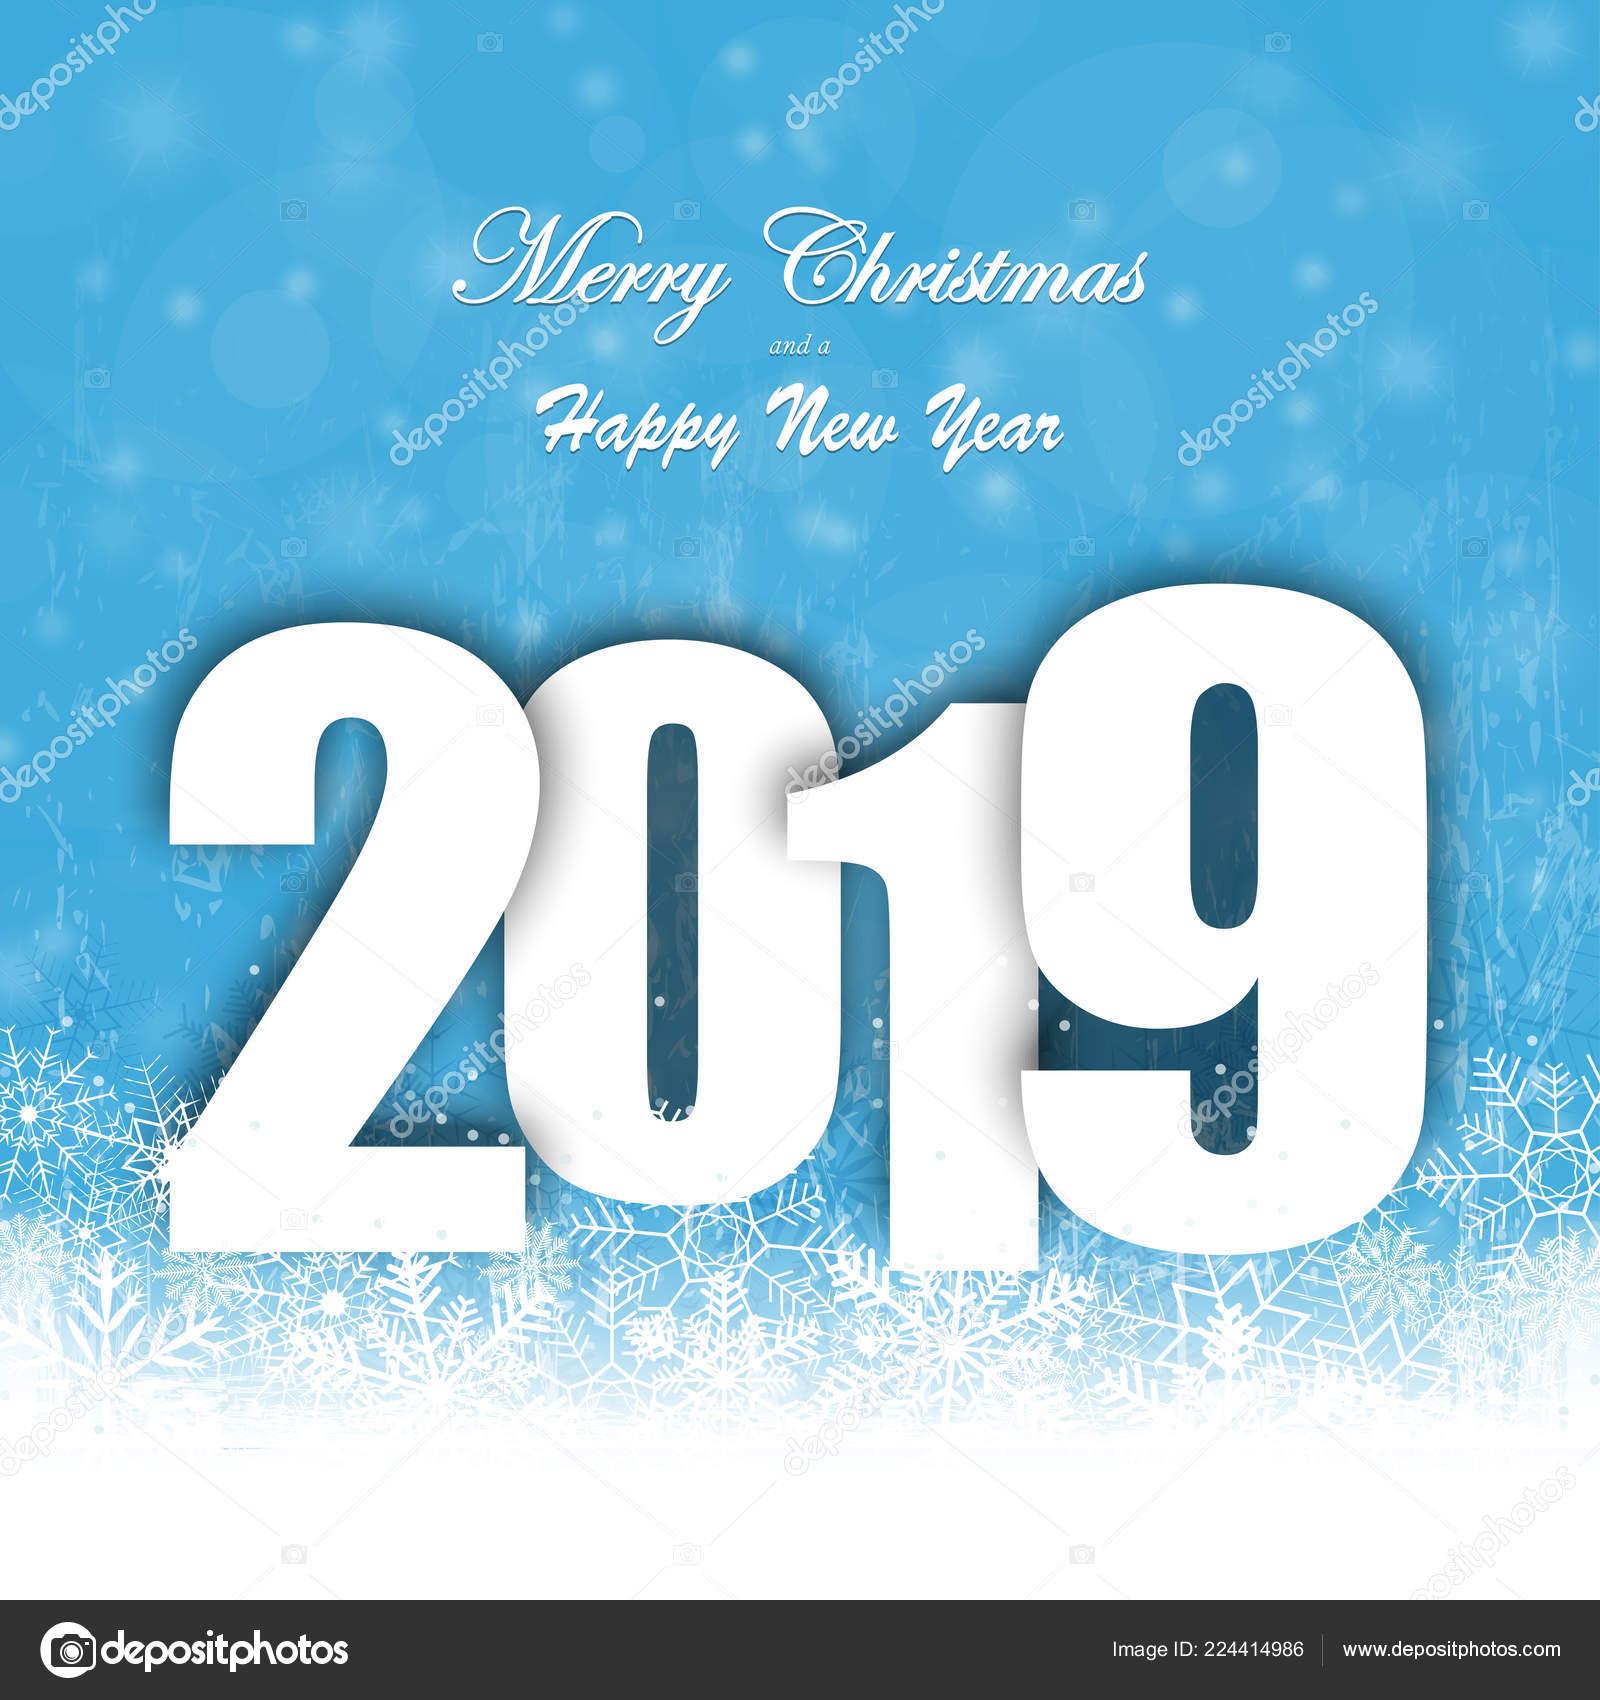 Felicitaciones Para Navidad 2019.Fondo Con Caida Nieve Saludos Para Navidad Ano Nuevo 2019